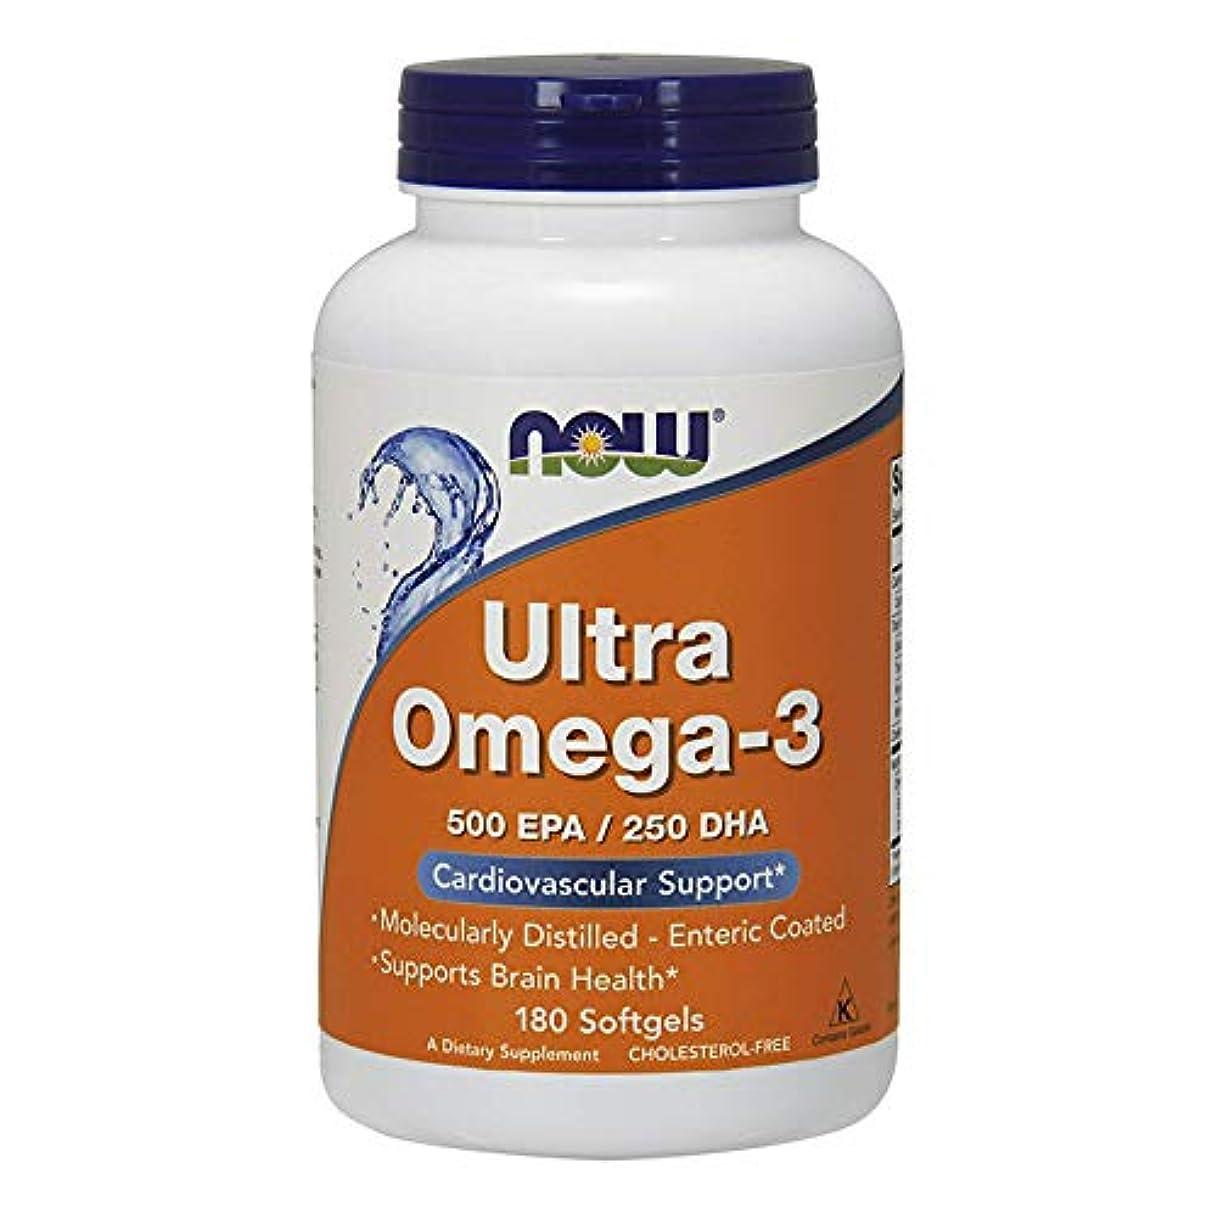 約束する宣言その間Now Ultra Omega-3 (500 EPA / 250 DHA) 180 sgels